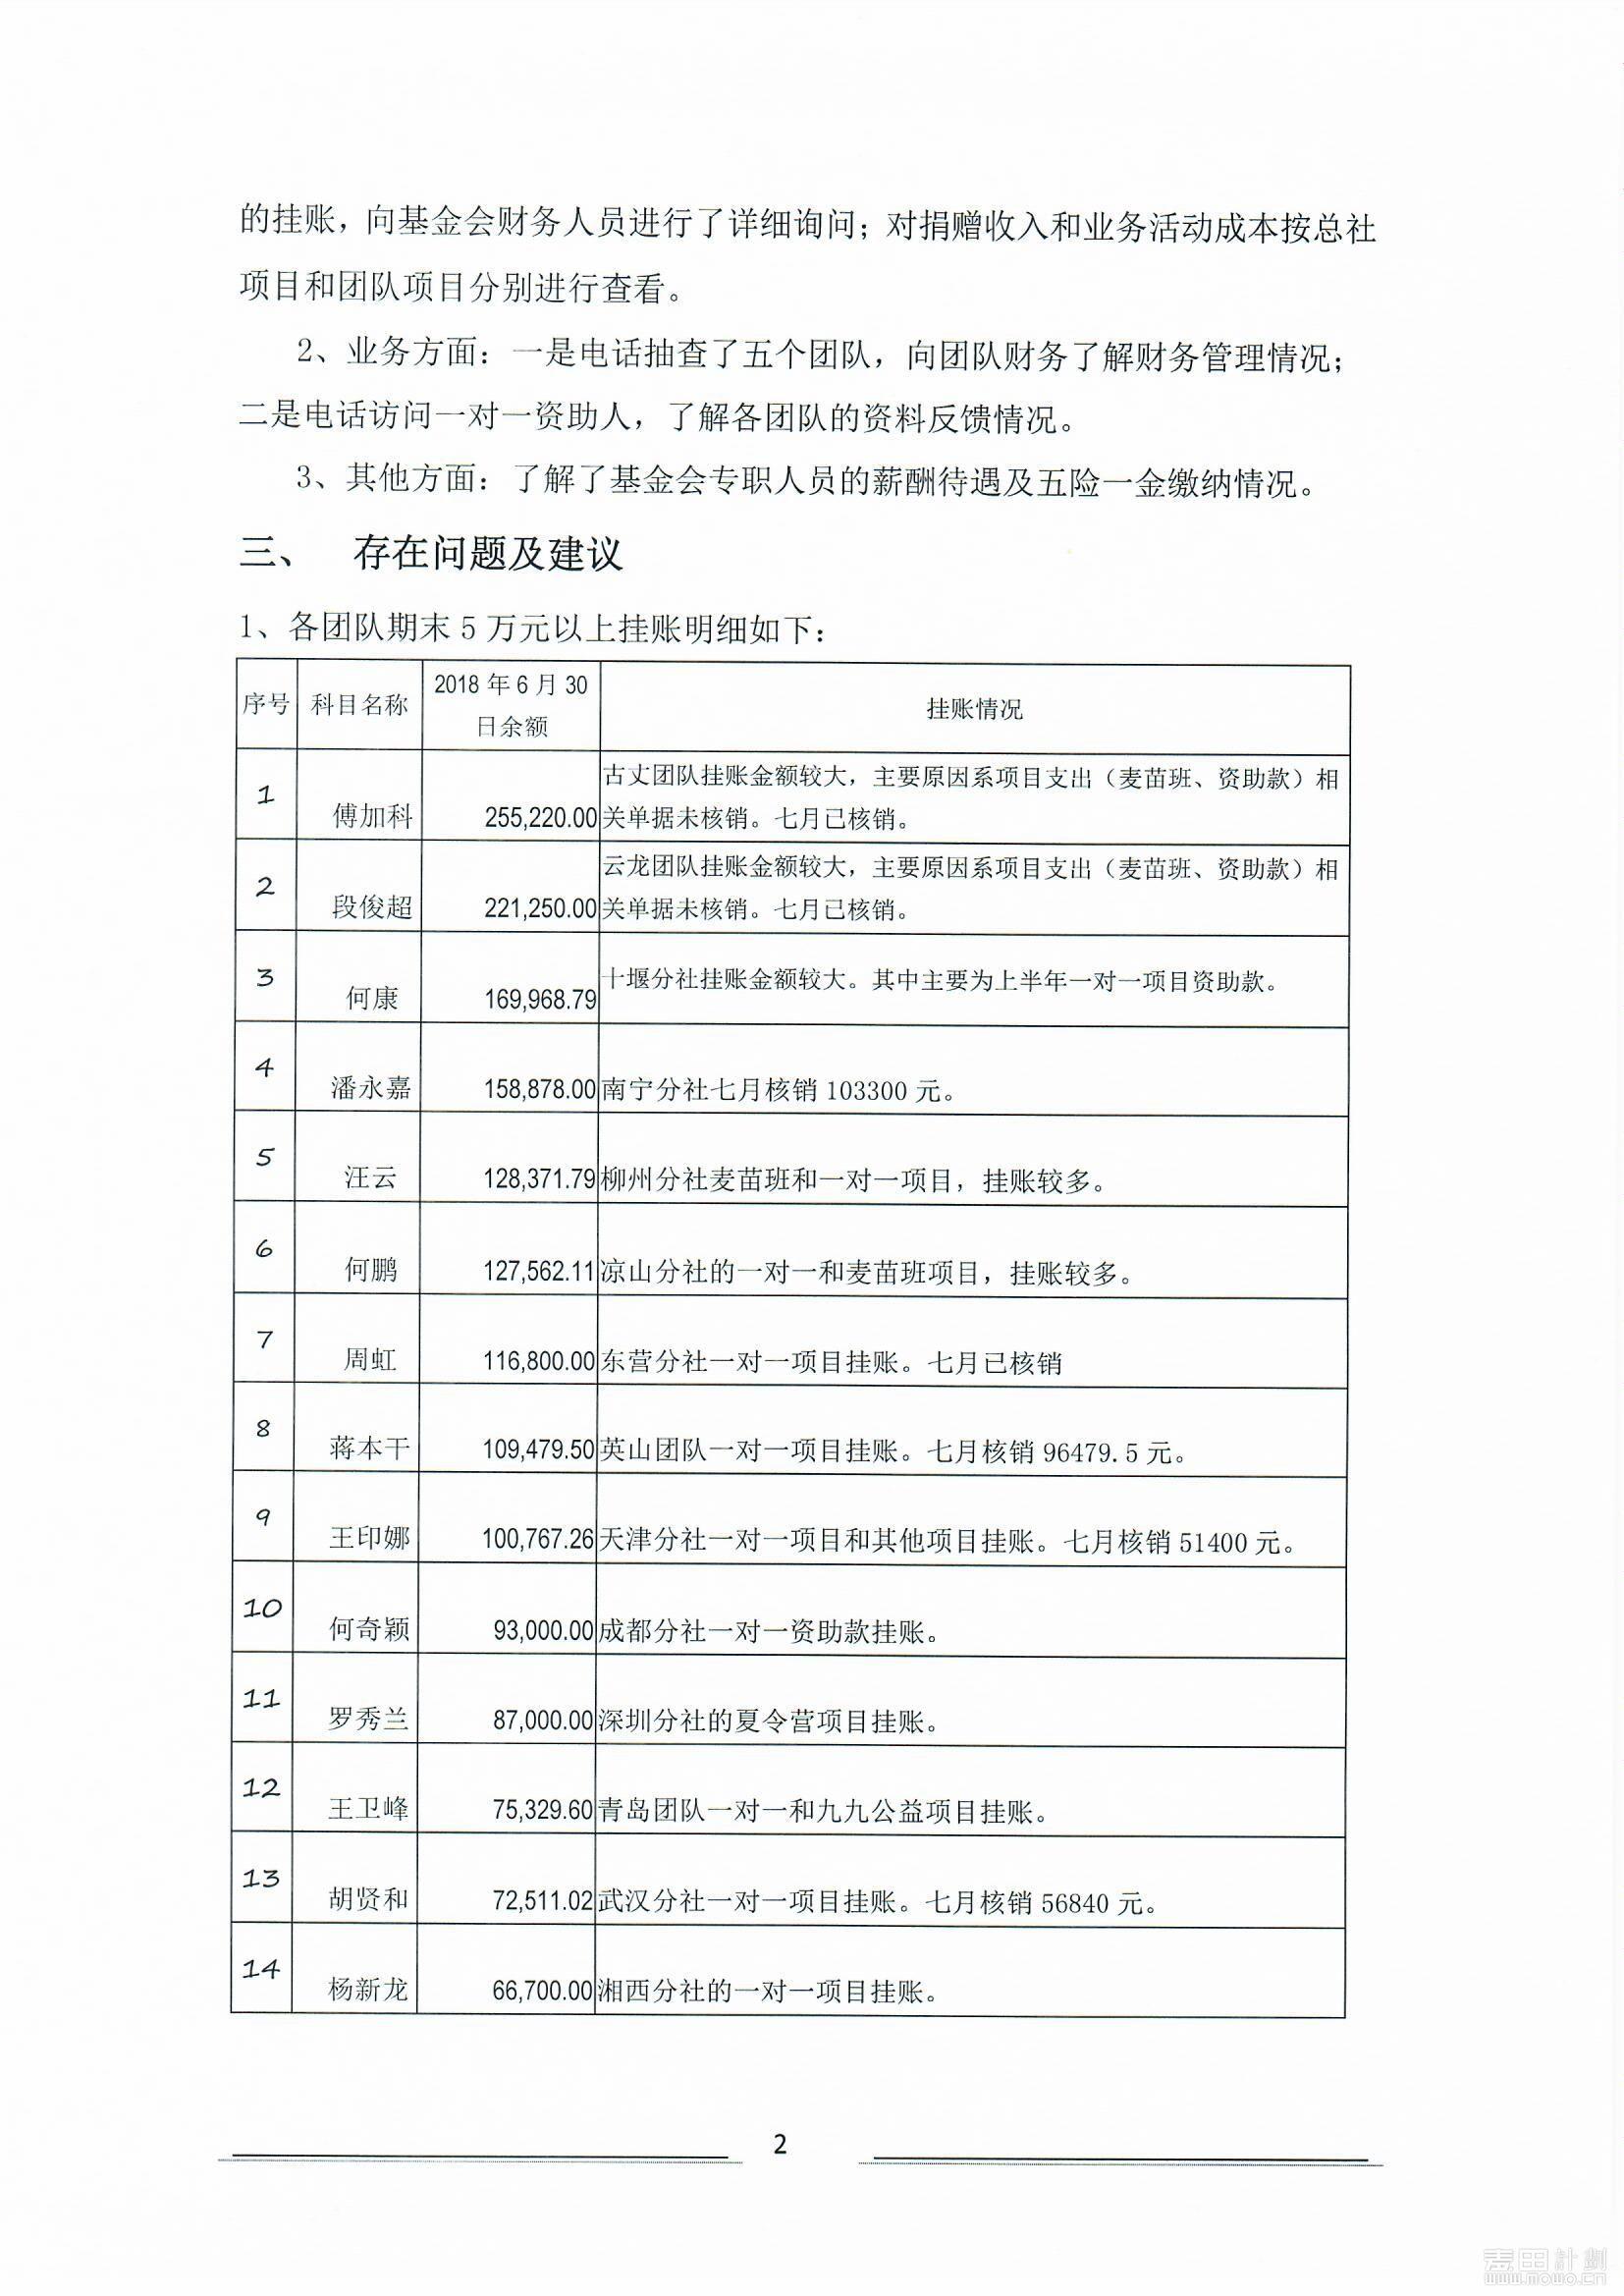 2018年麦田财务自查报告_页面_2.jpg